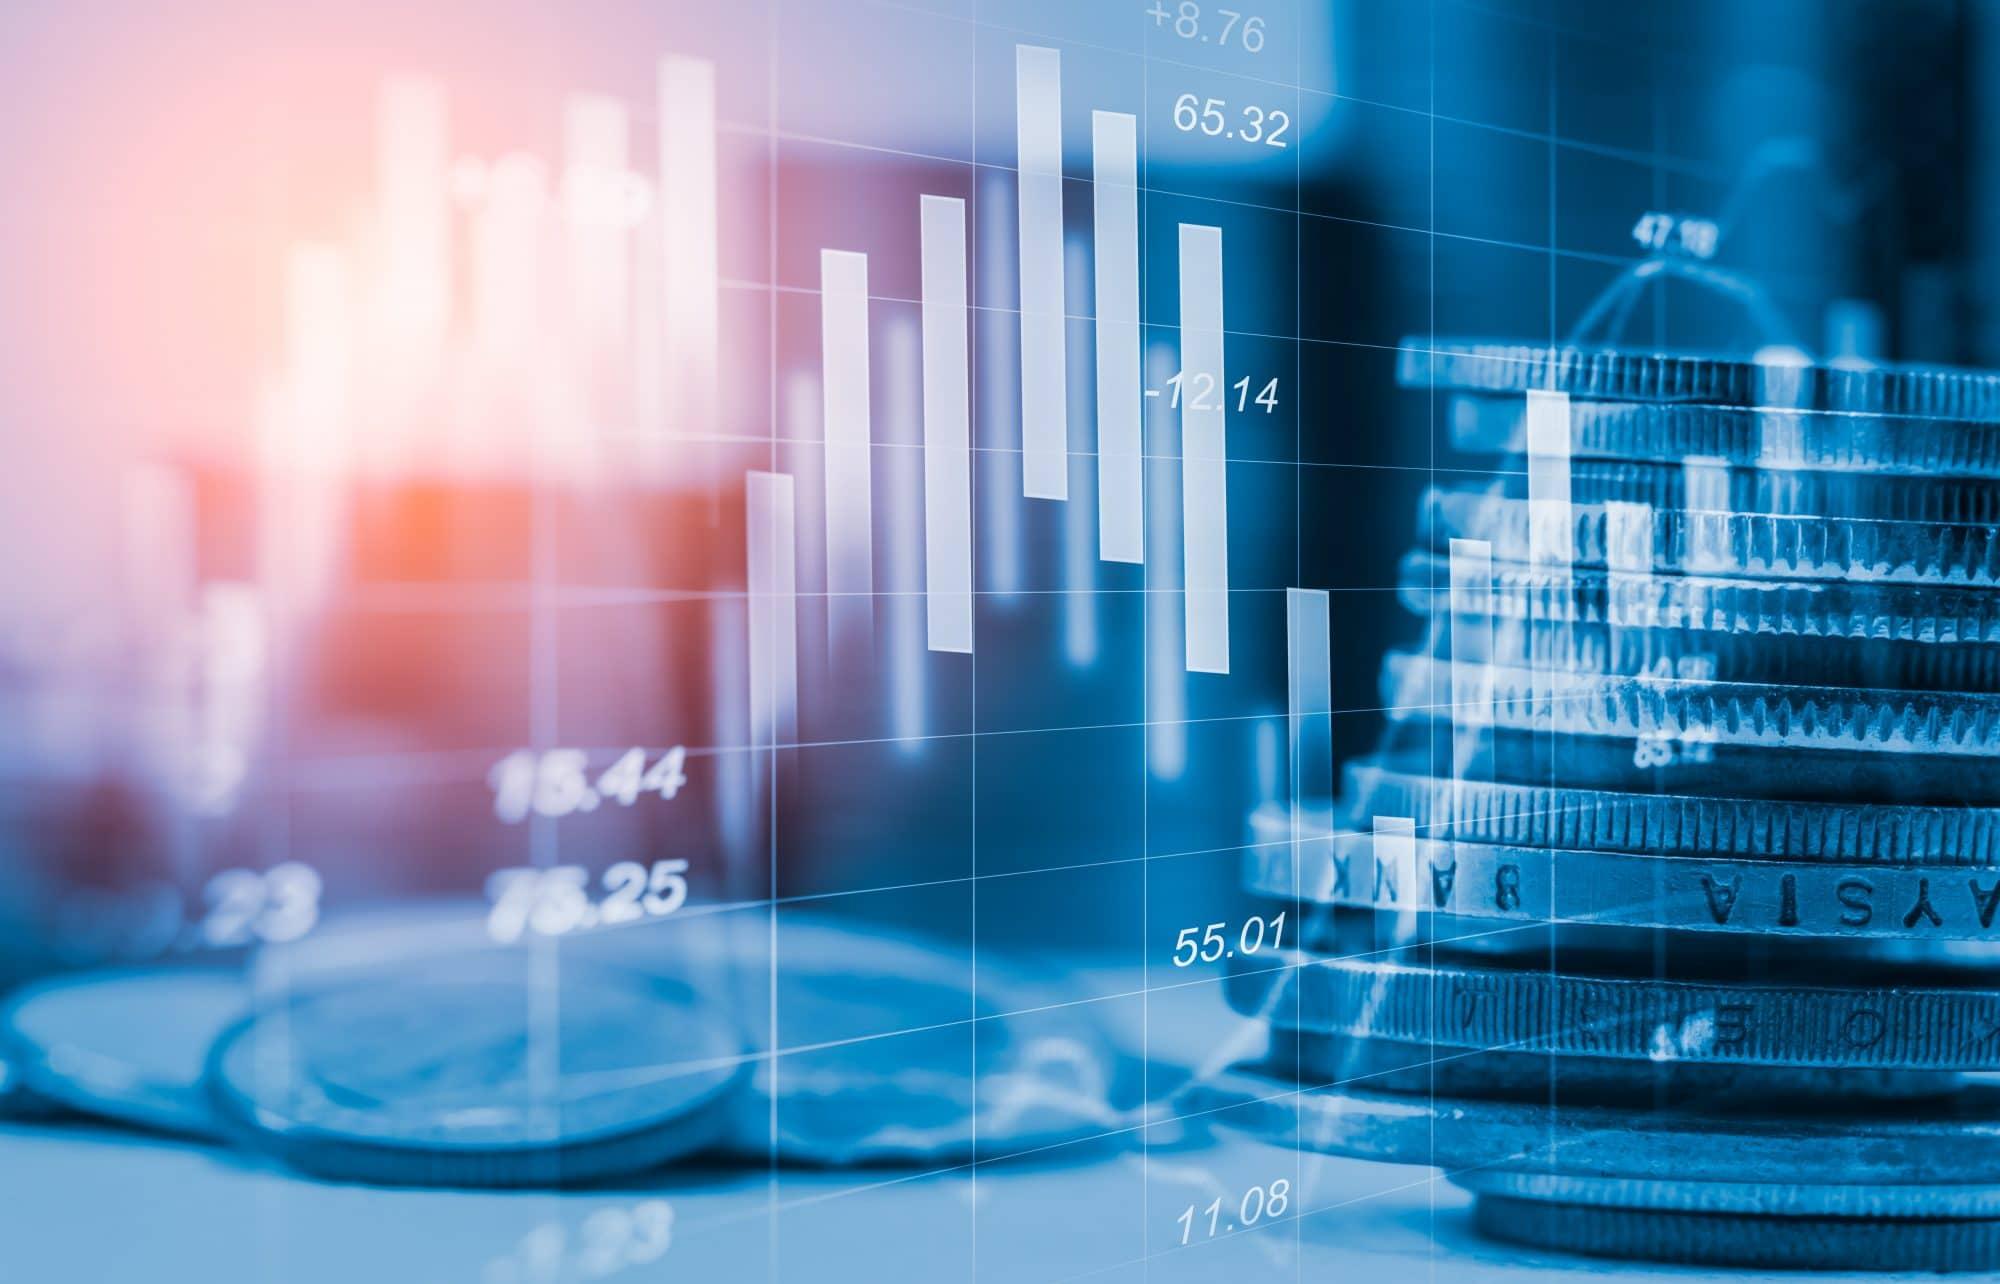 Visuel finance et statistique pour représenter le droit fiscal